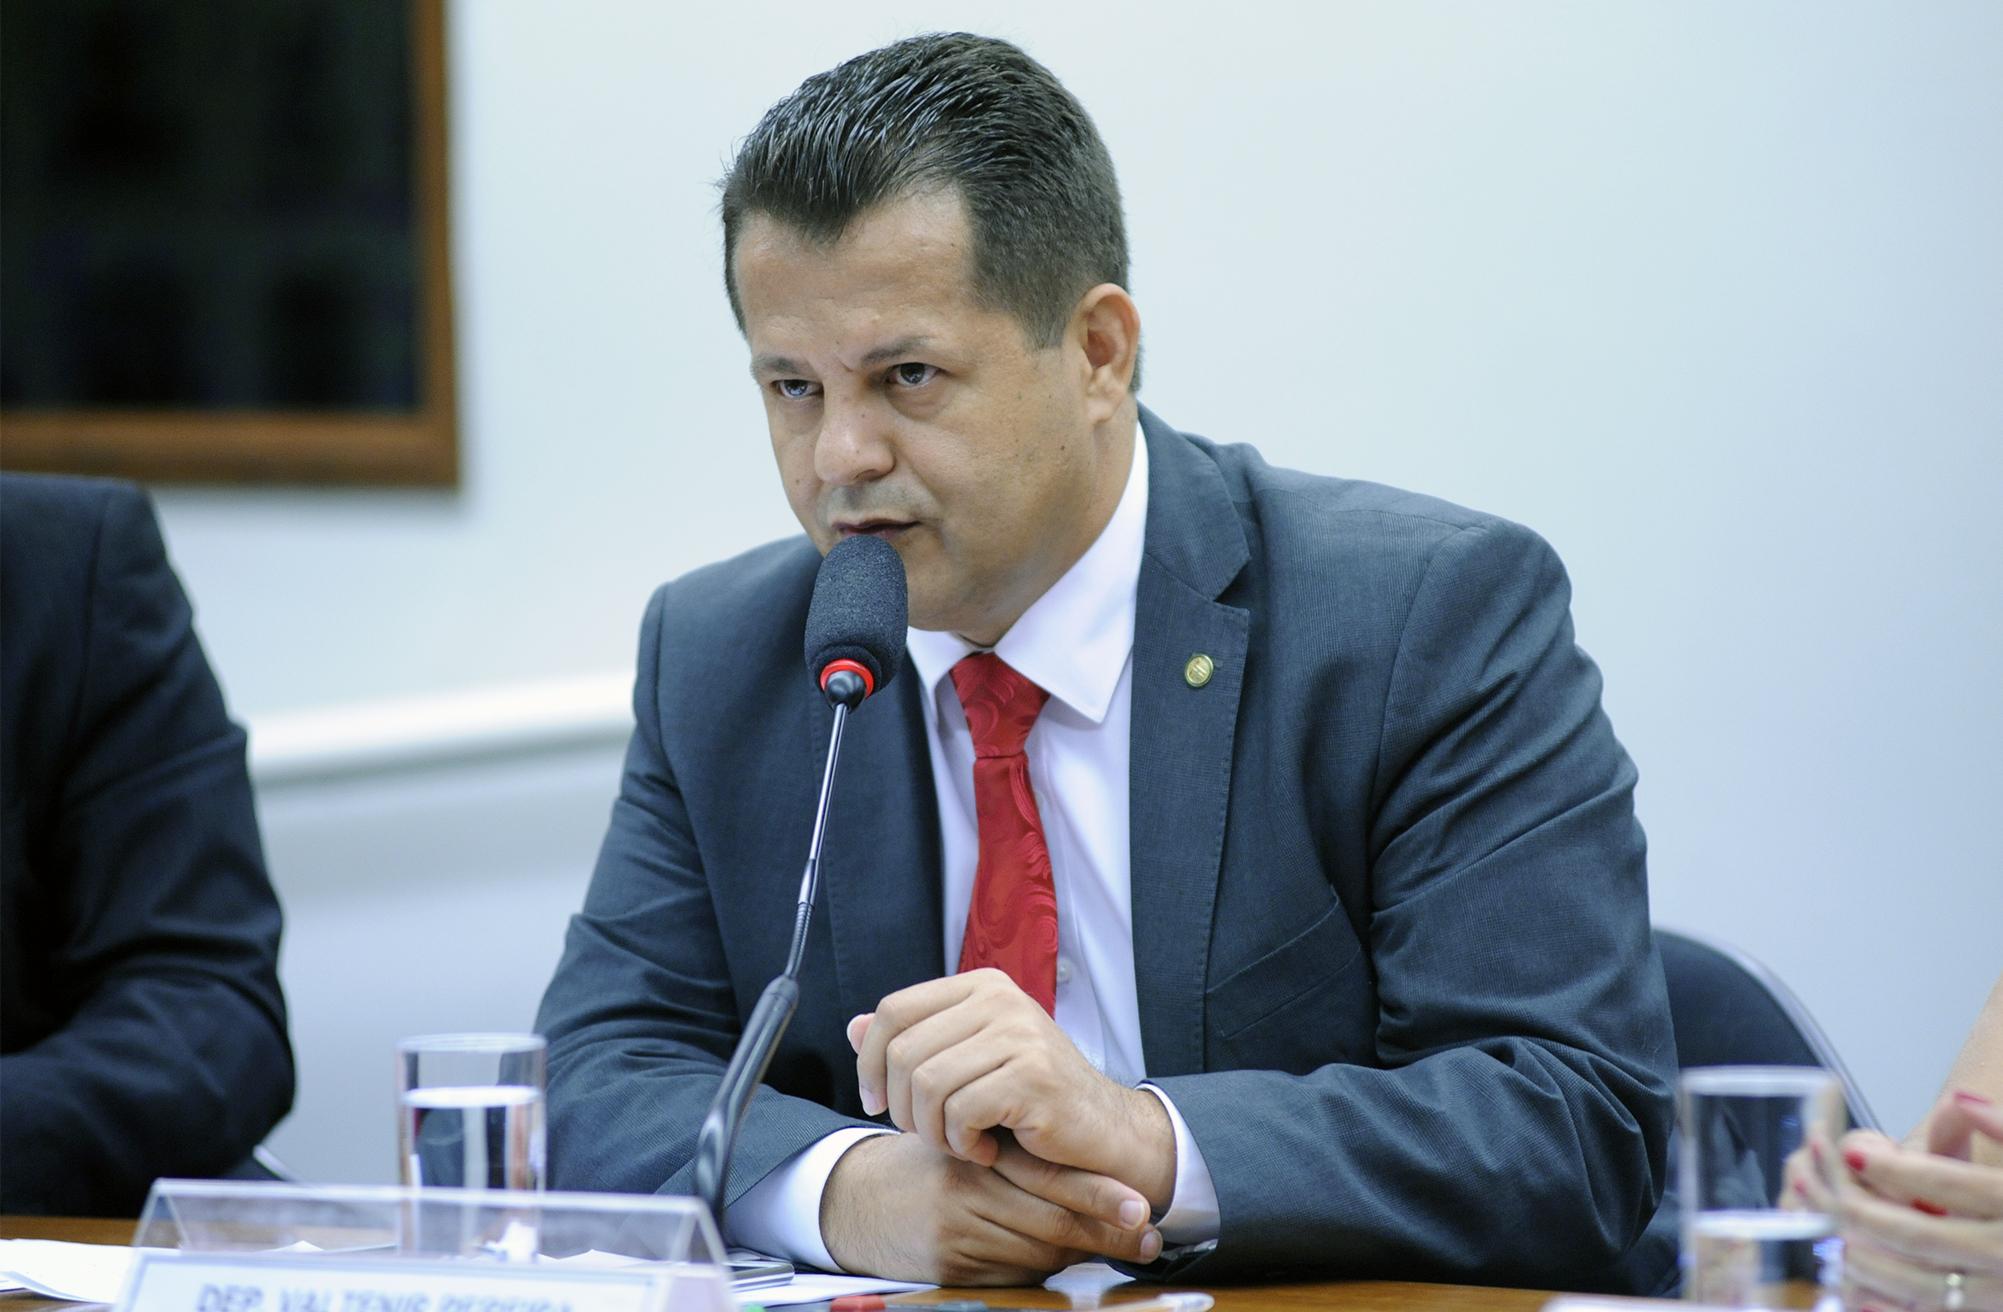 Audiência pública sobre o tema e eleição dos vice-presidentes. Dep. Valtenir Pereira (PMDB - MT)